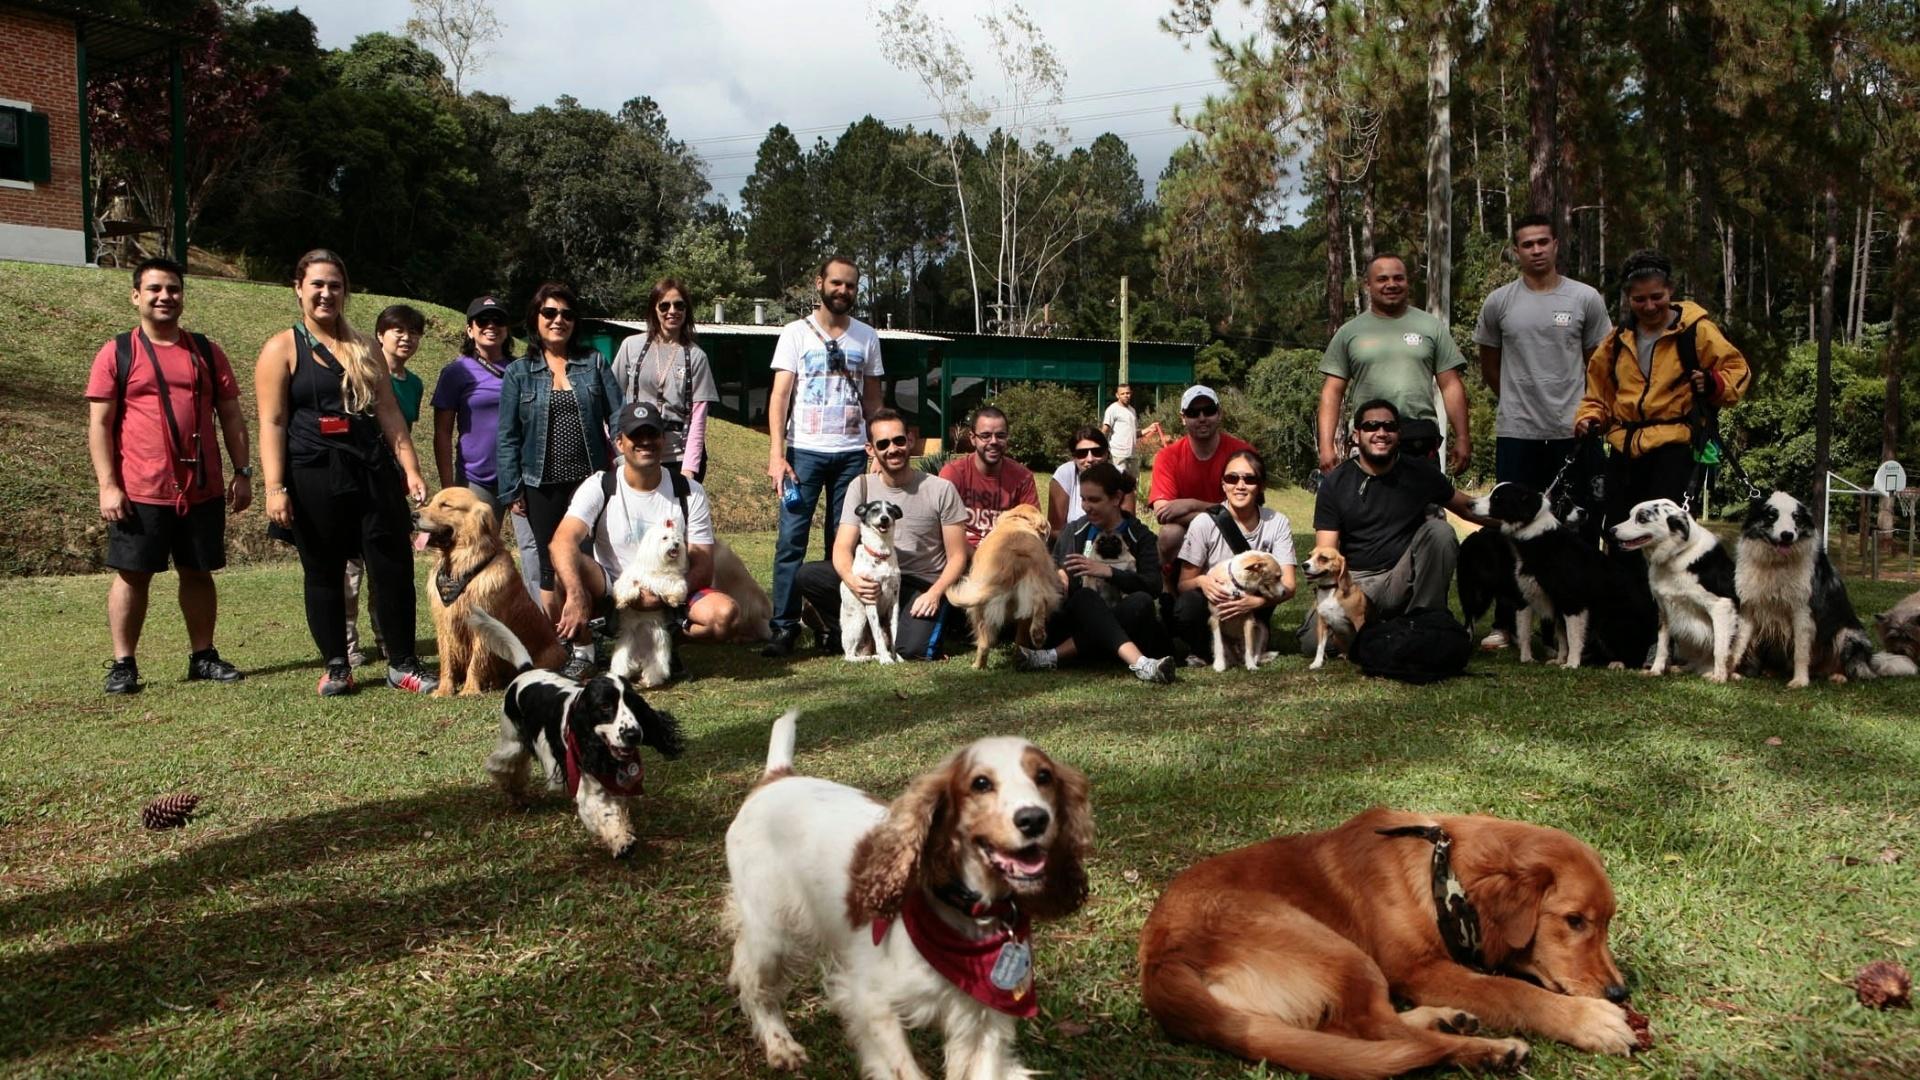 Na imagem, cachorros e seus donos posam para a foto, em um ambiente natural.